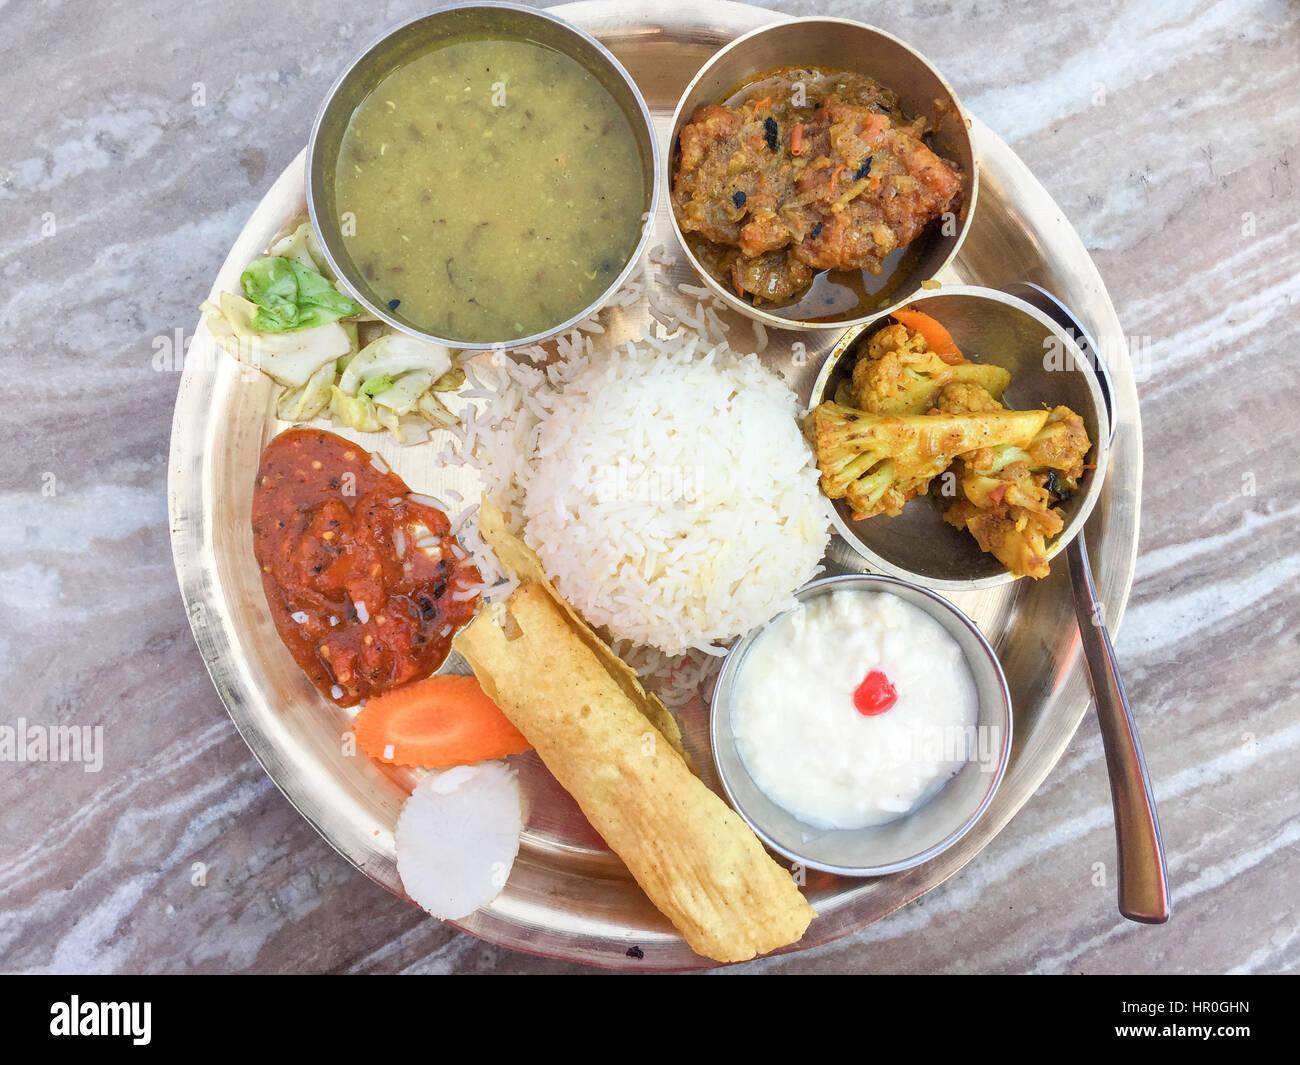 Nepalesische Küche | Selektiven Fokus Der Traditionellen Nepalesischen Kuche Fische